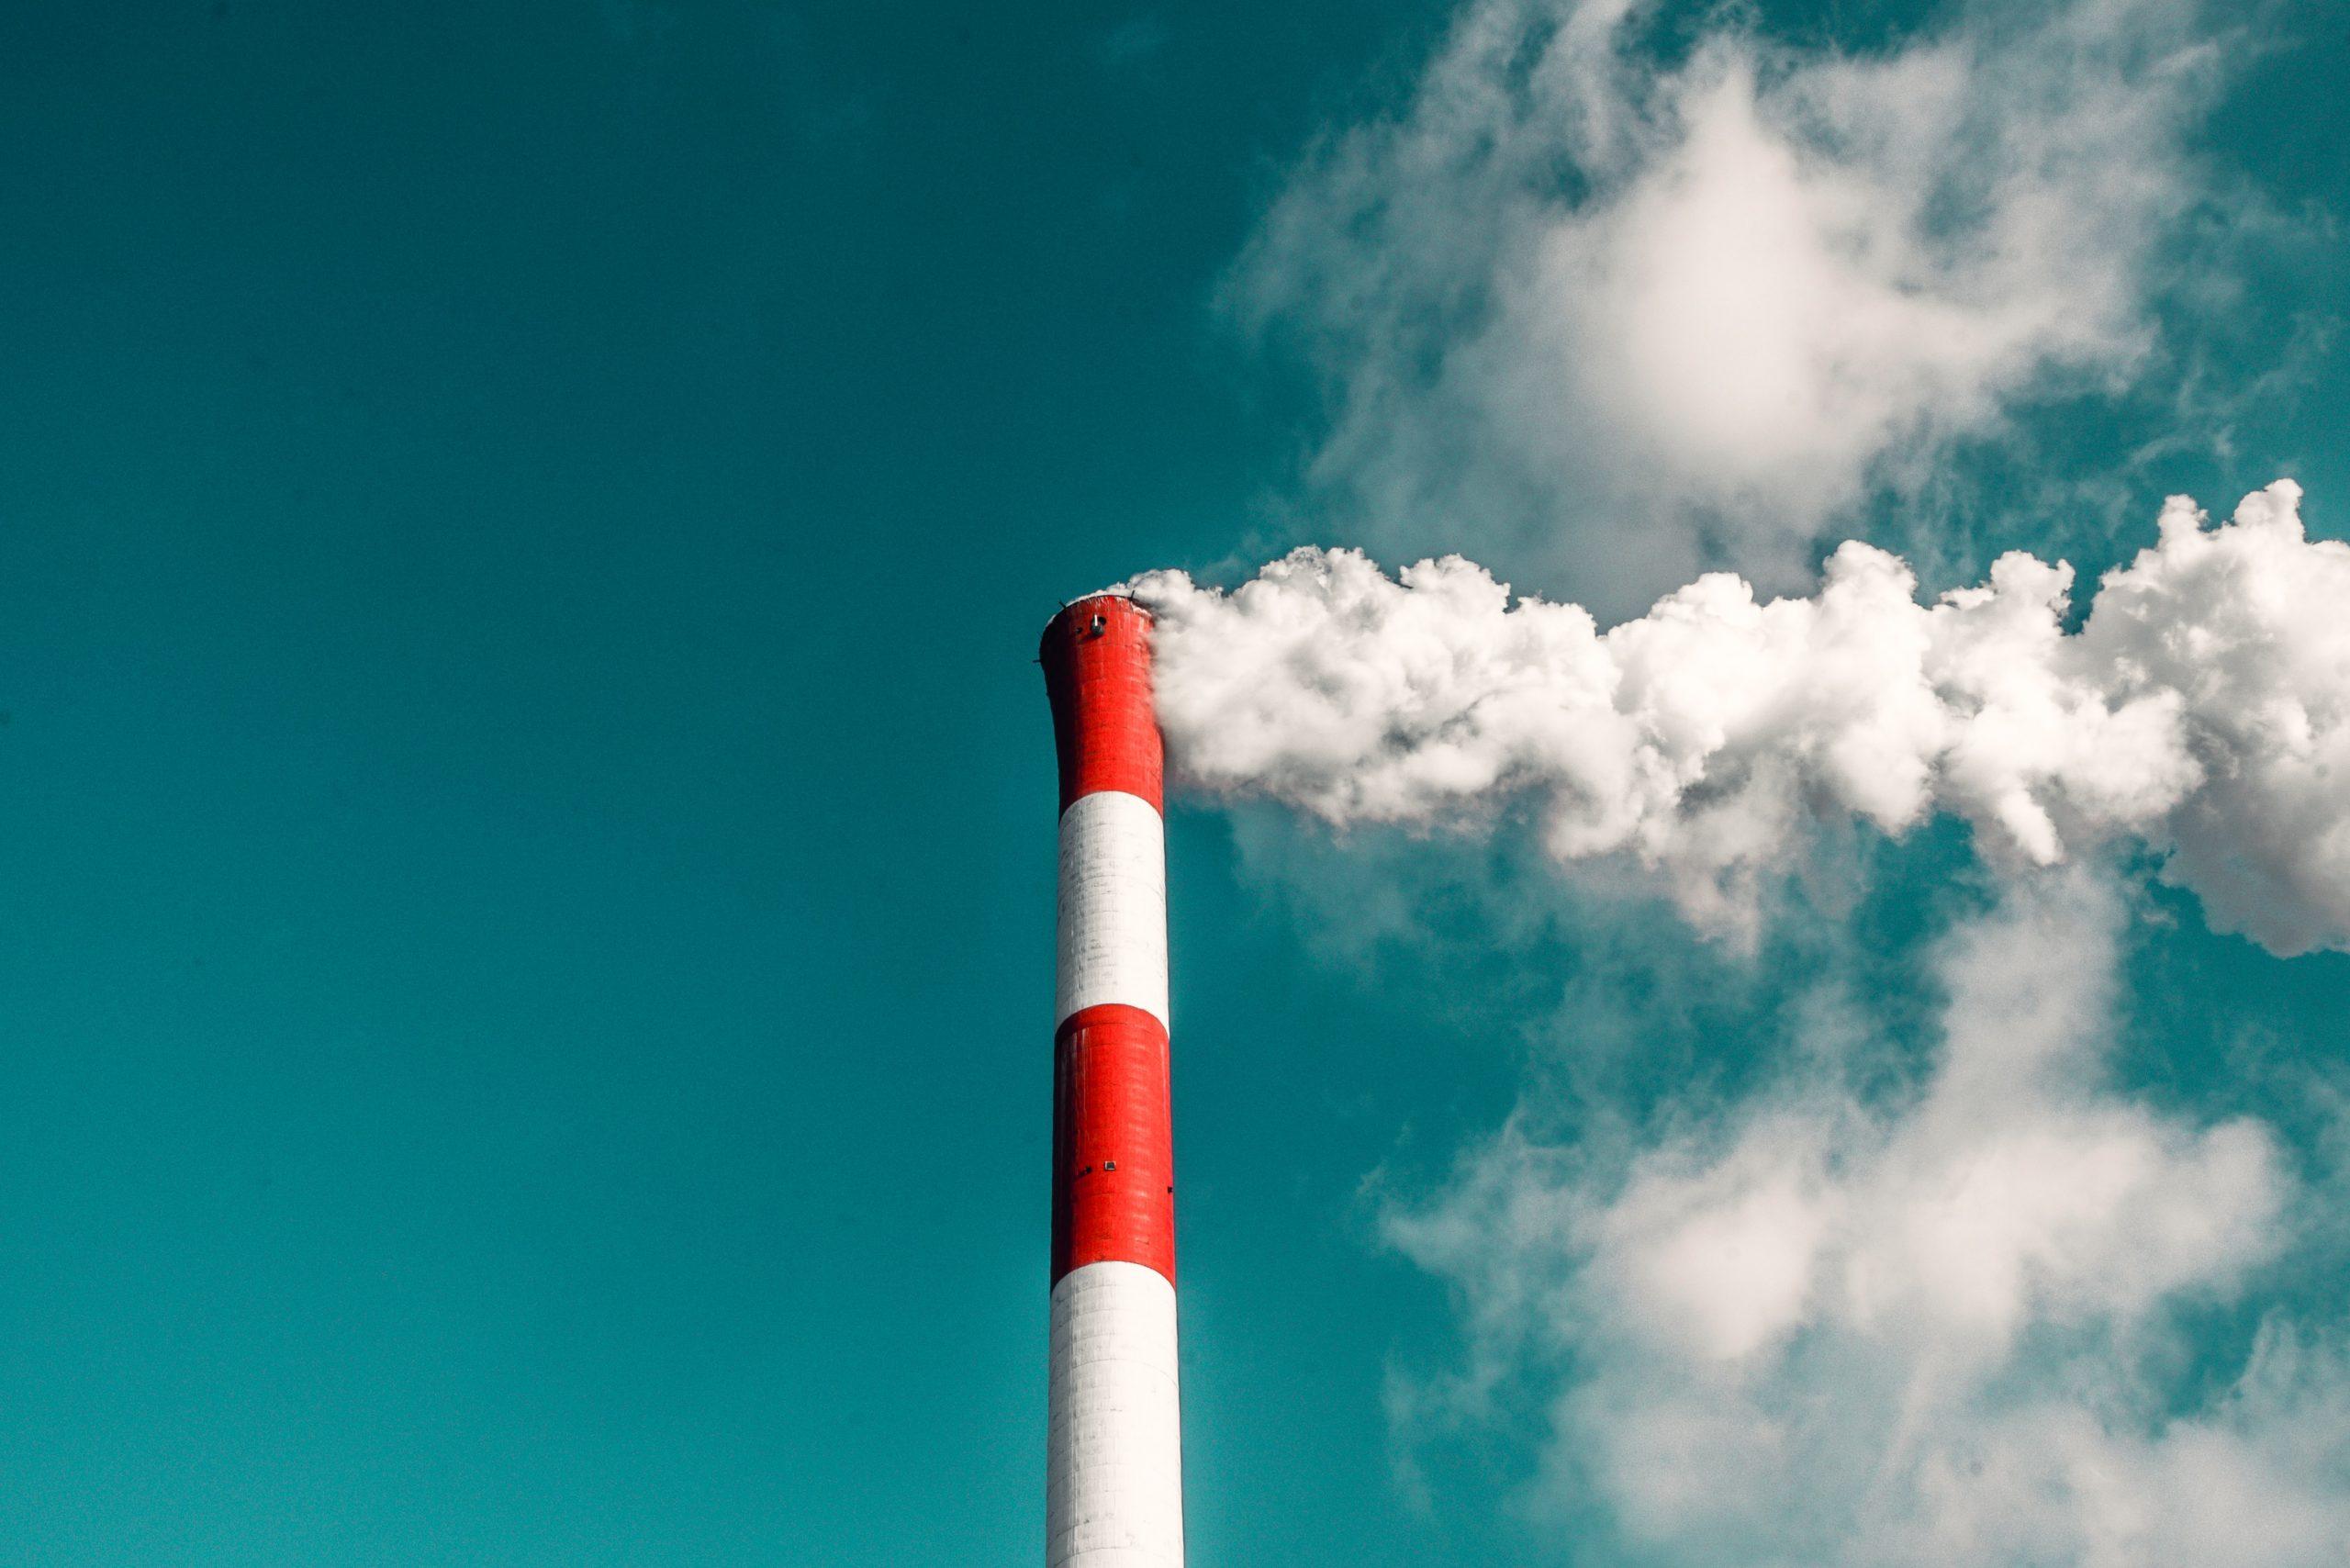 ατμοσφαιρική ρύπανση - είκονα